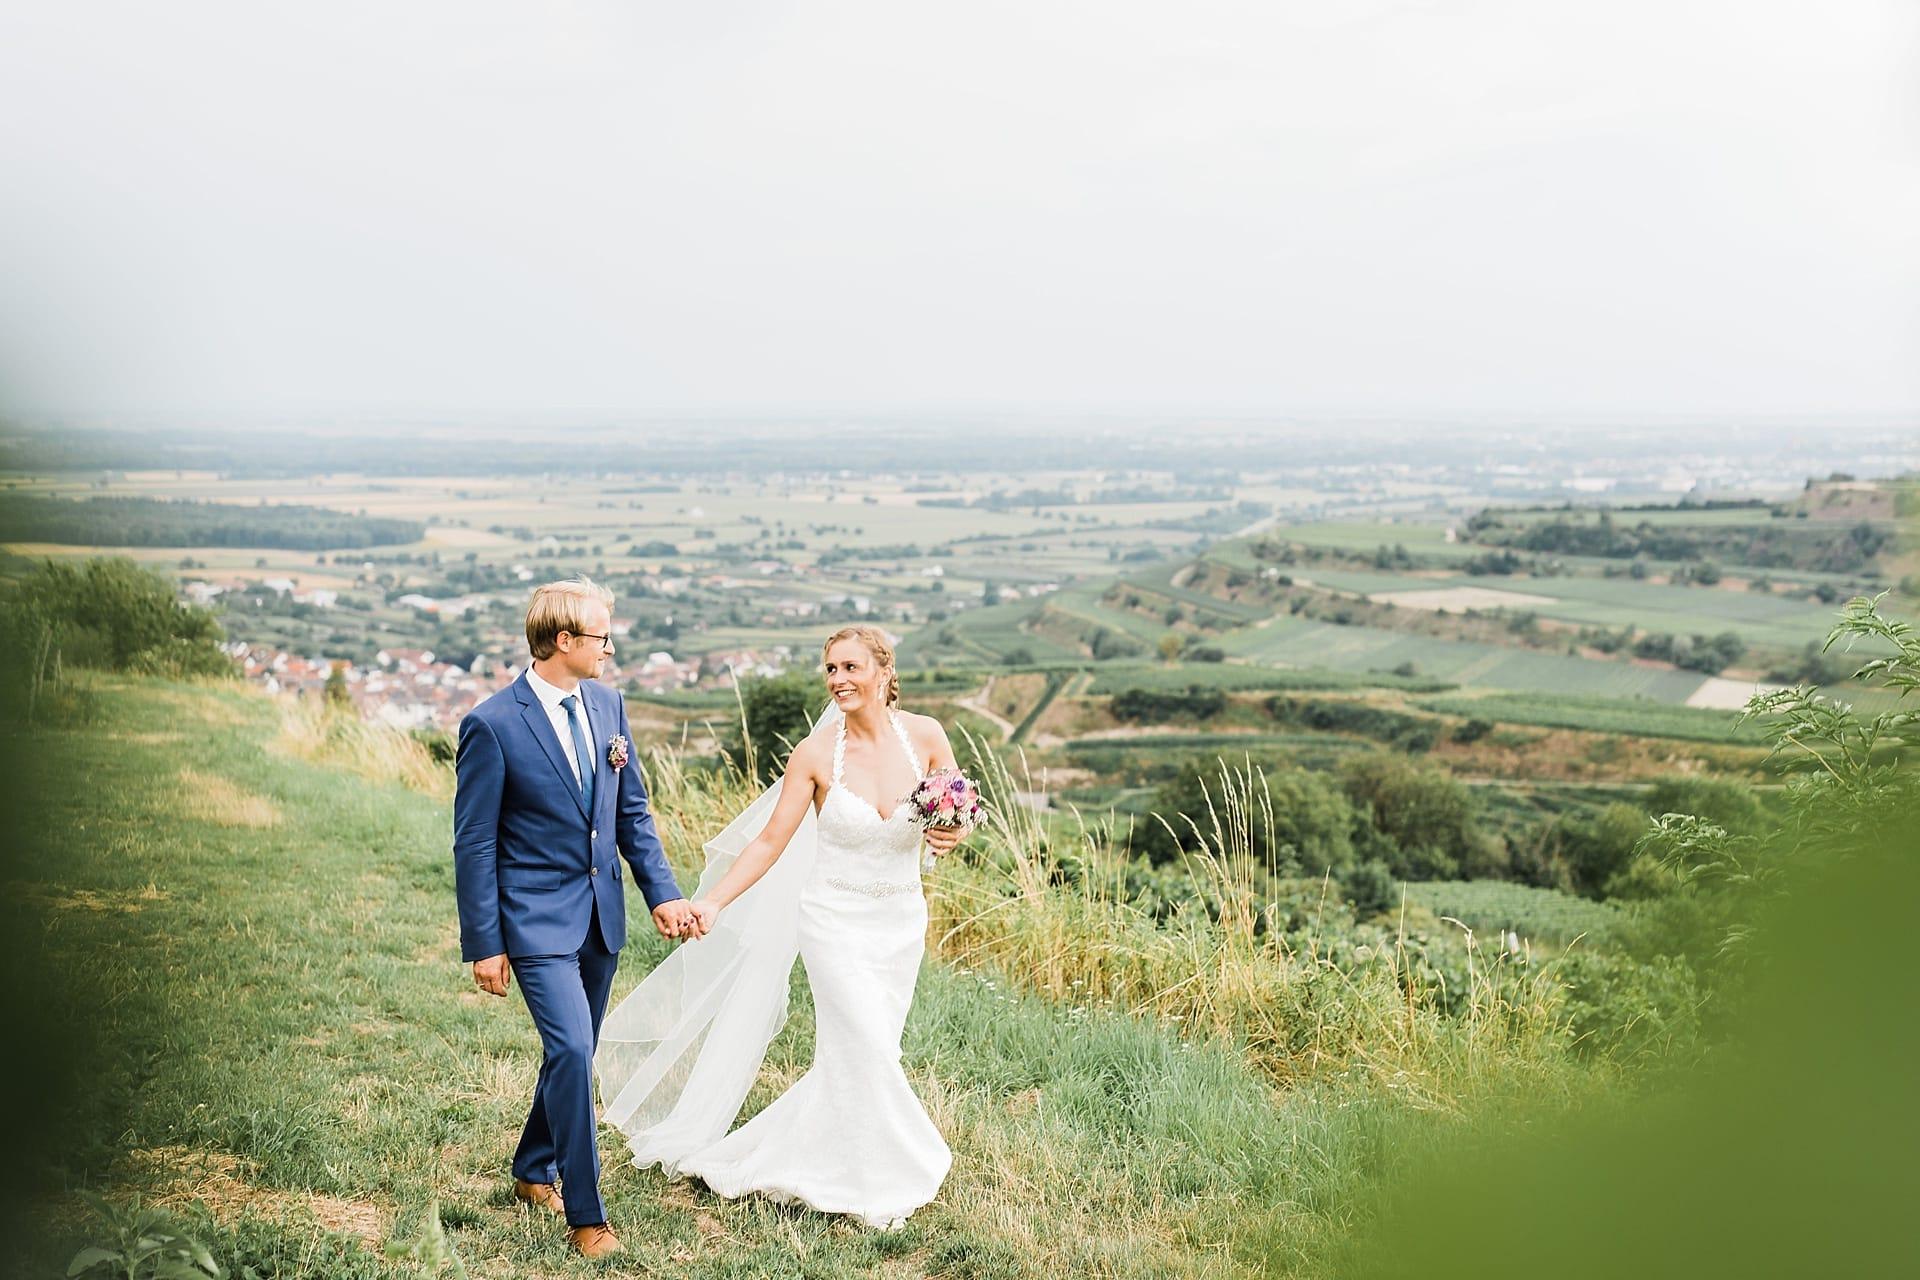 hochzeitsplanung-weddingplanner-ihringen-lenzenberg_0792